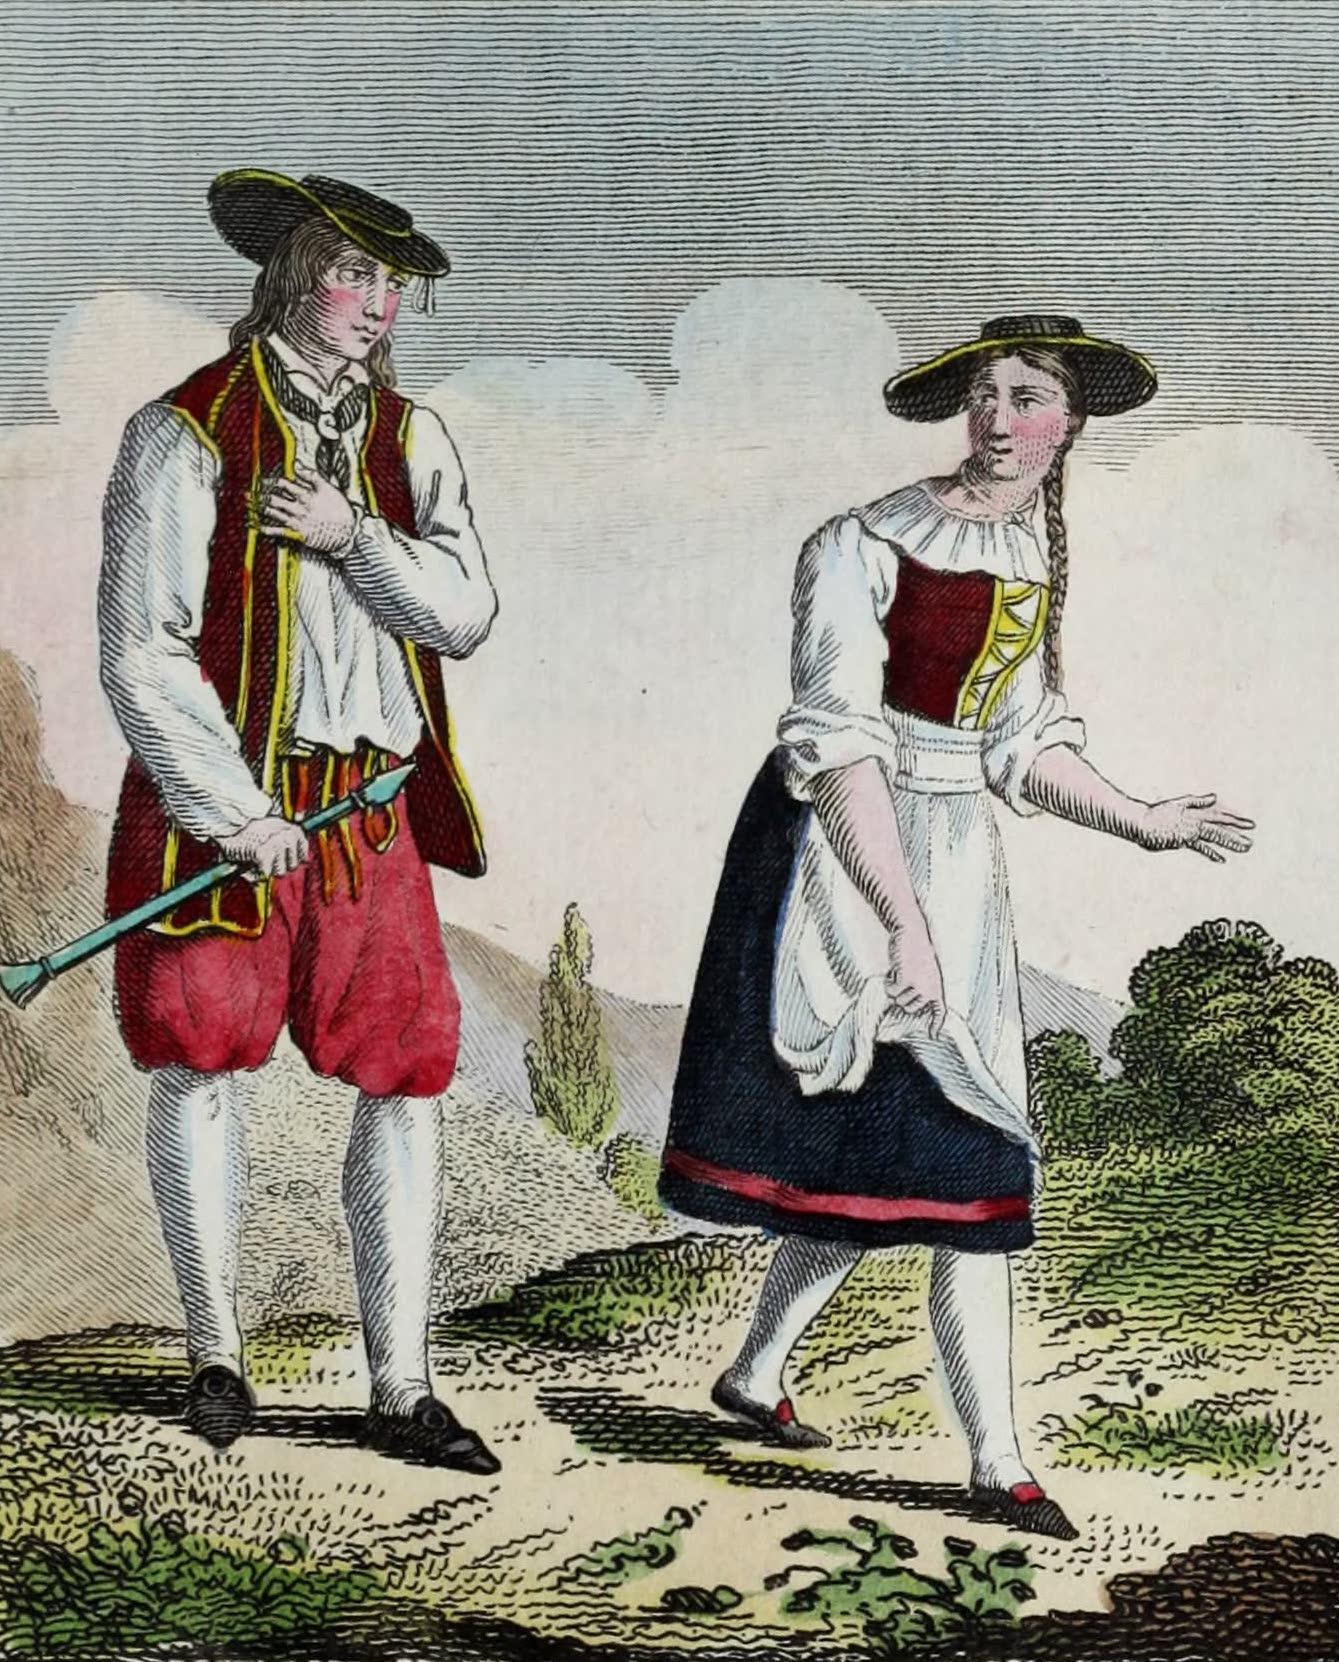 Geographie Vivante, ou, Tableaux Raisonnes - Paysans Suisses (1821)